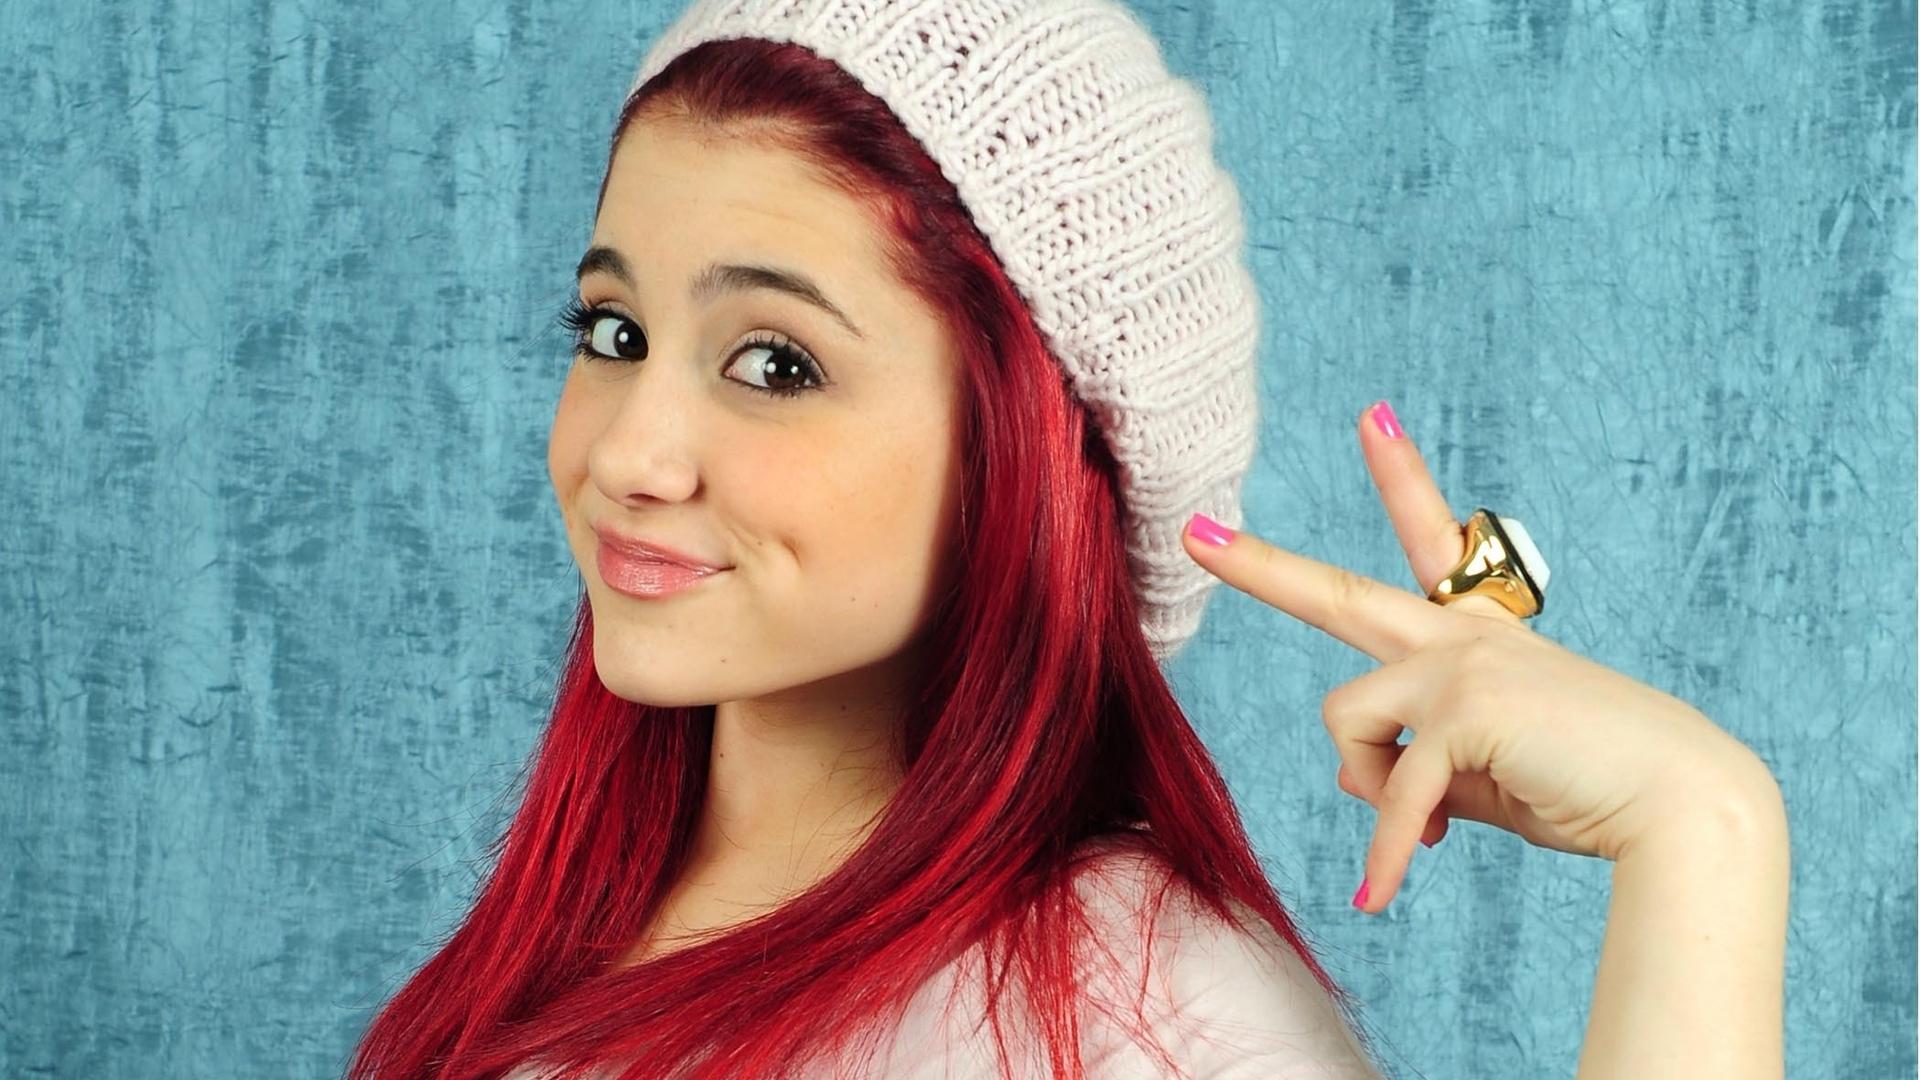 Ariana Grande Image Album